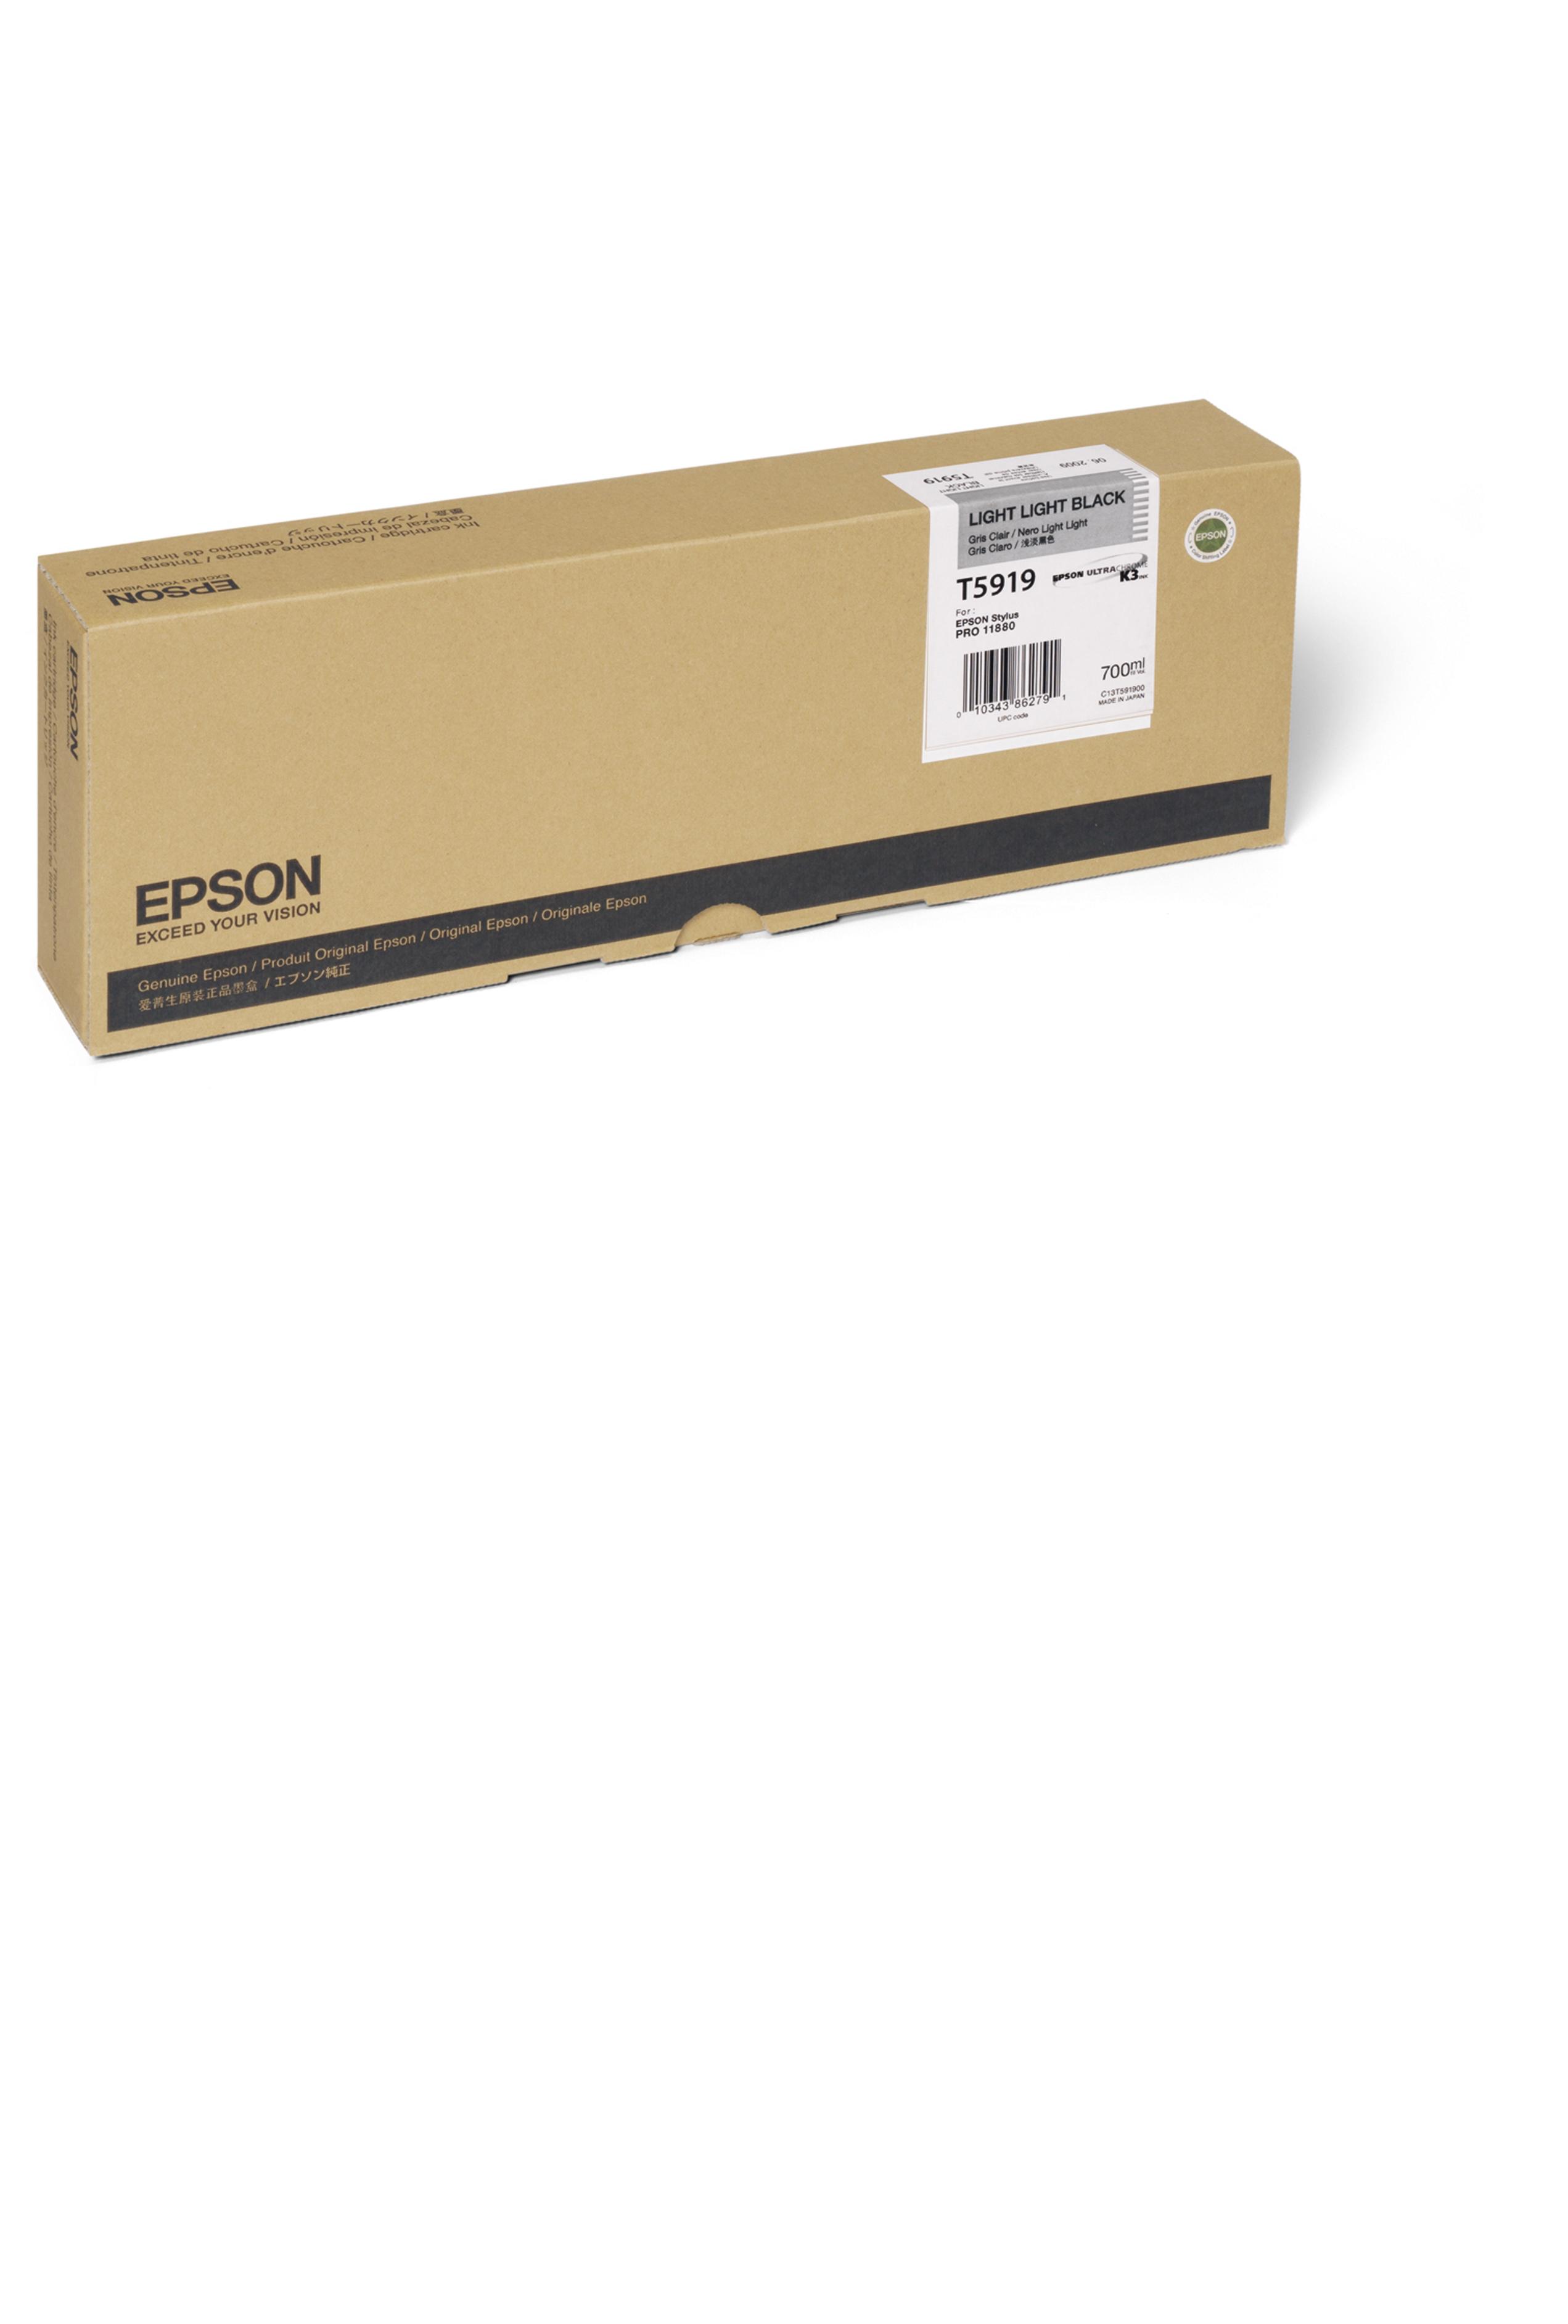 Epson EPSON HI LT LT BLACK INK (700 ML) (T591900)